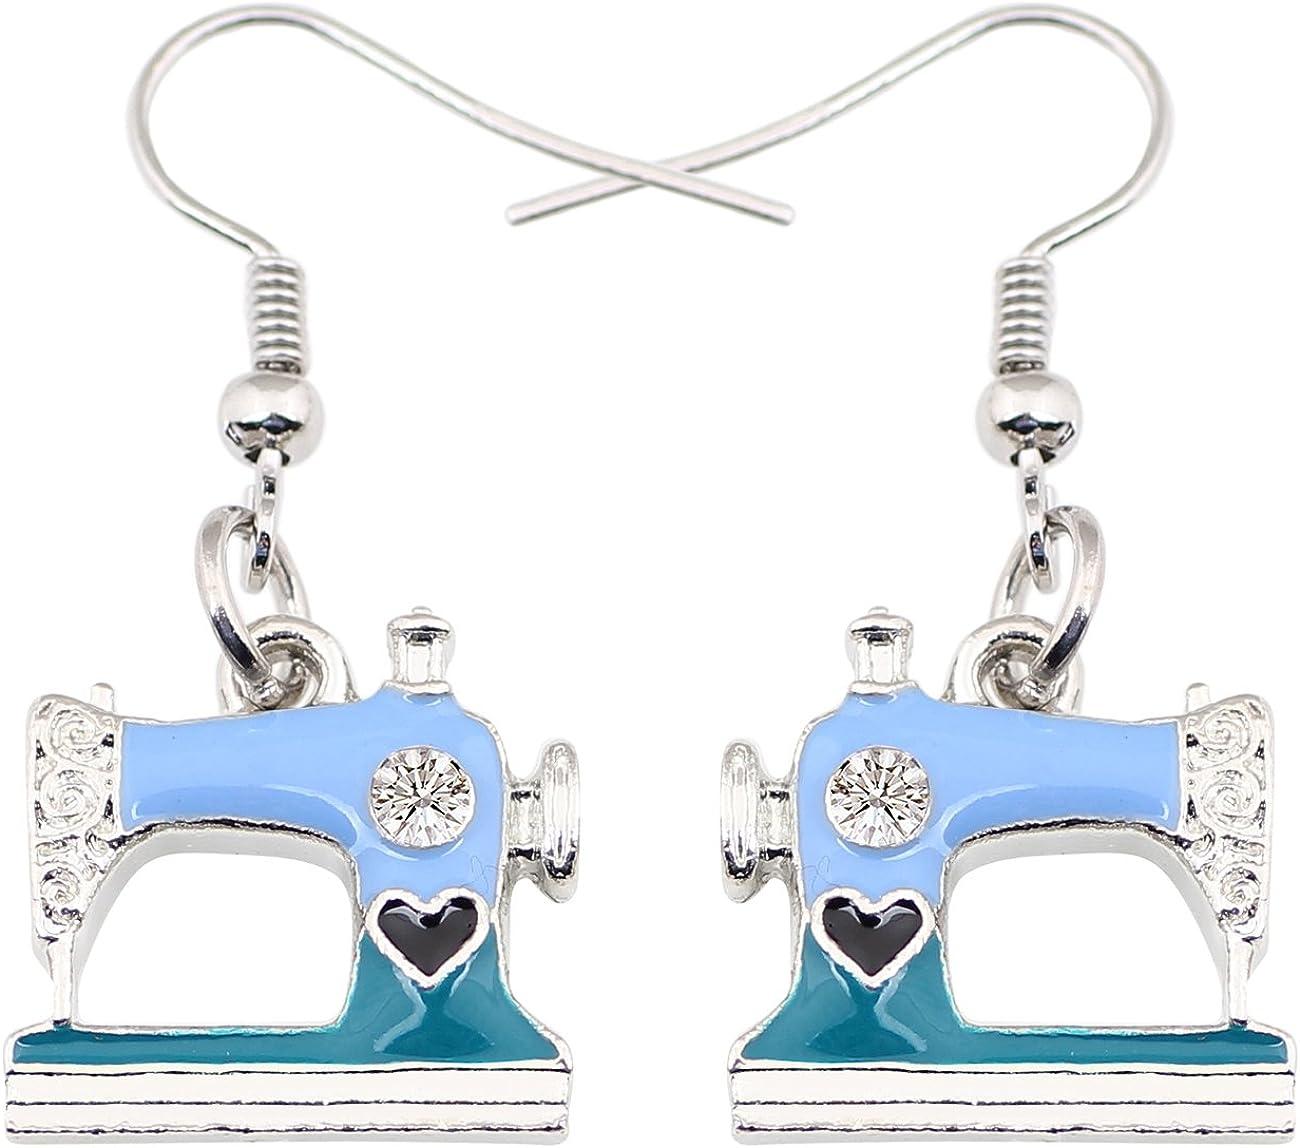 DUOWEI Sewing Machine Earrings Metal Enamel Drop Dangle Fashion Spring Summer Jewelry Gifts for Women Teens Girls